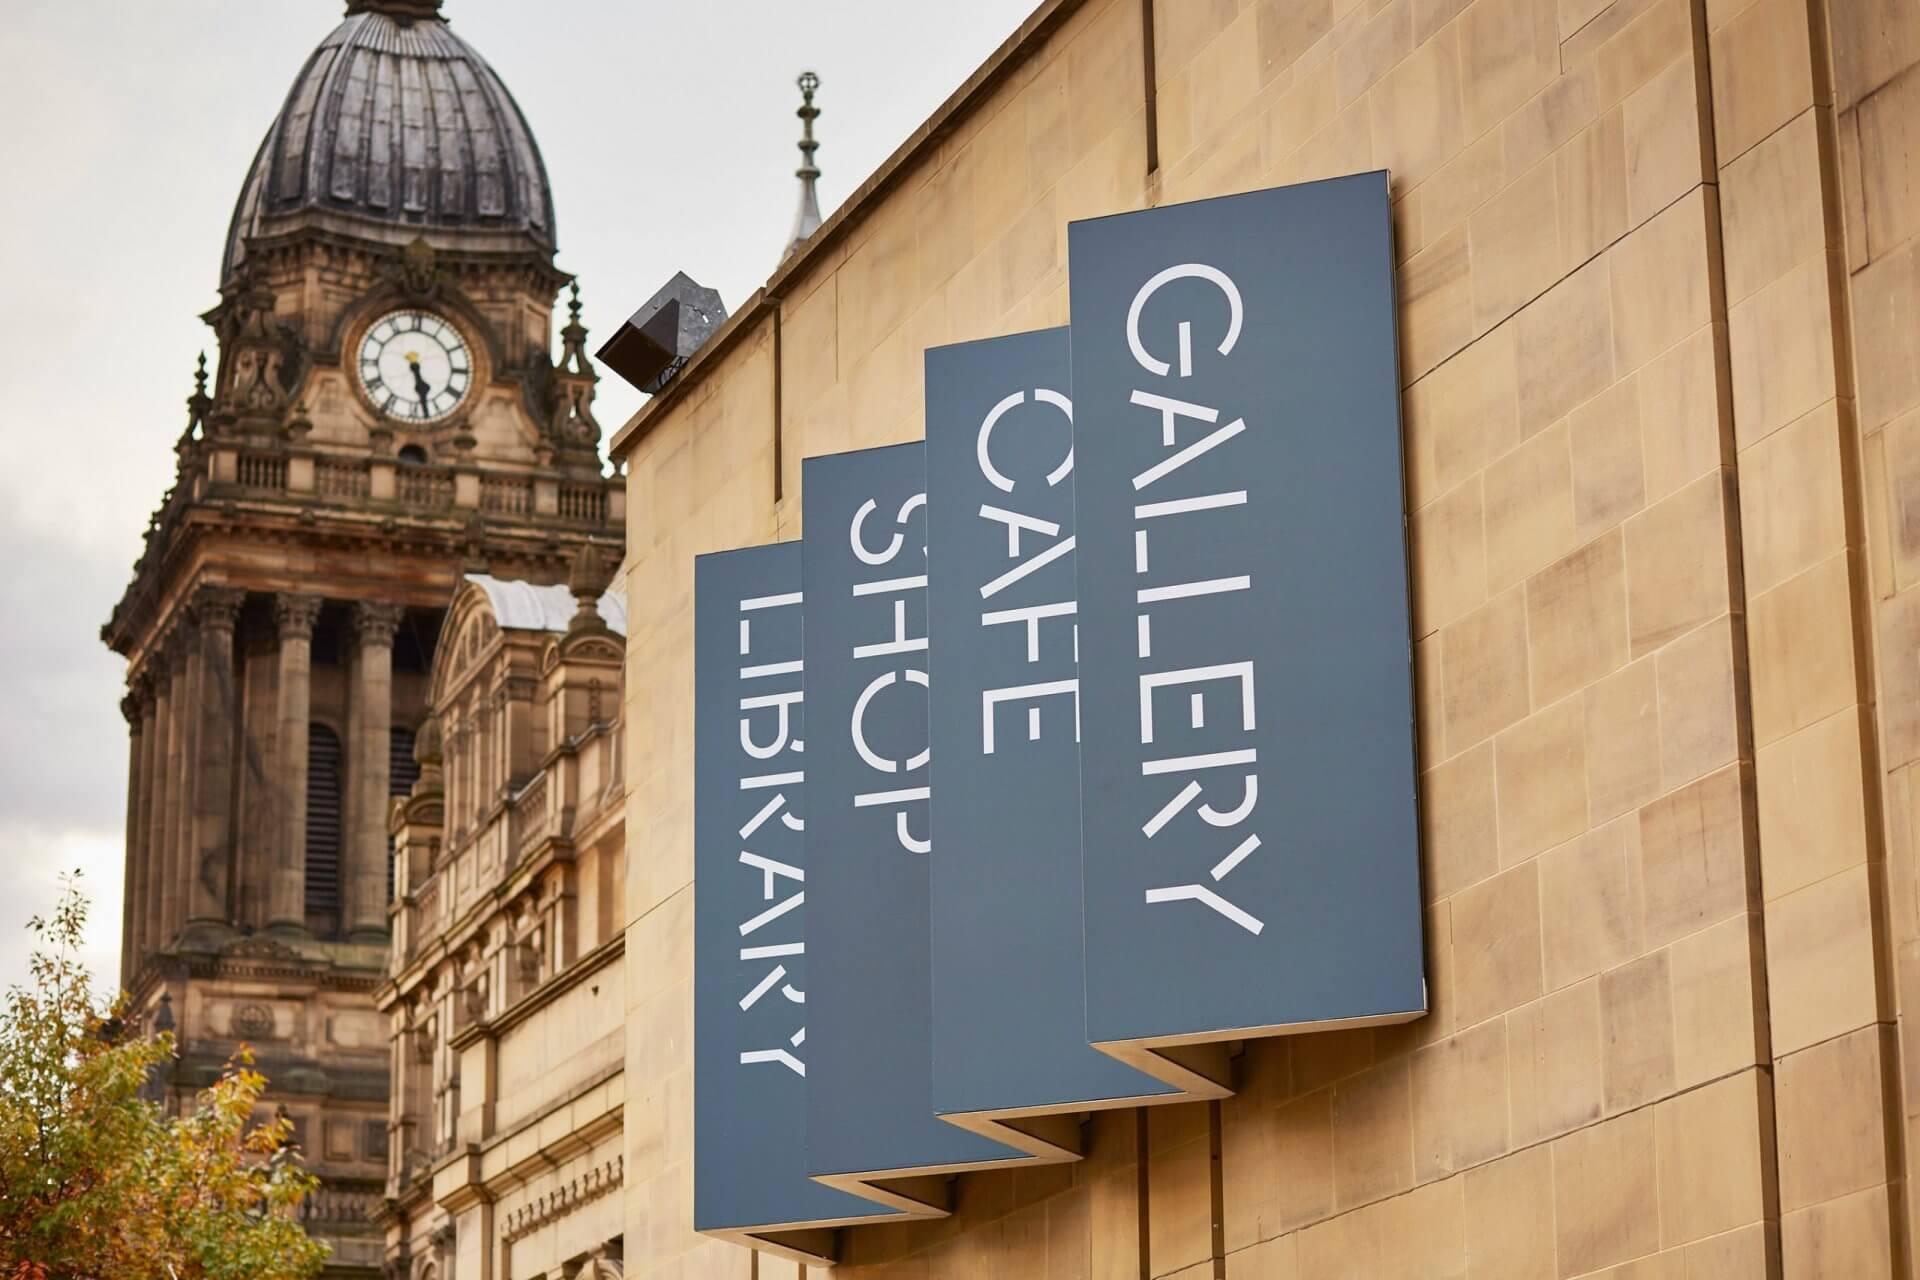 Leeds Art Gallery image